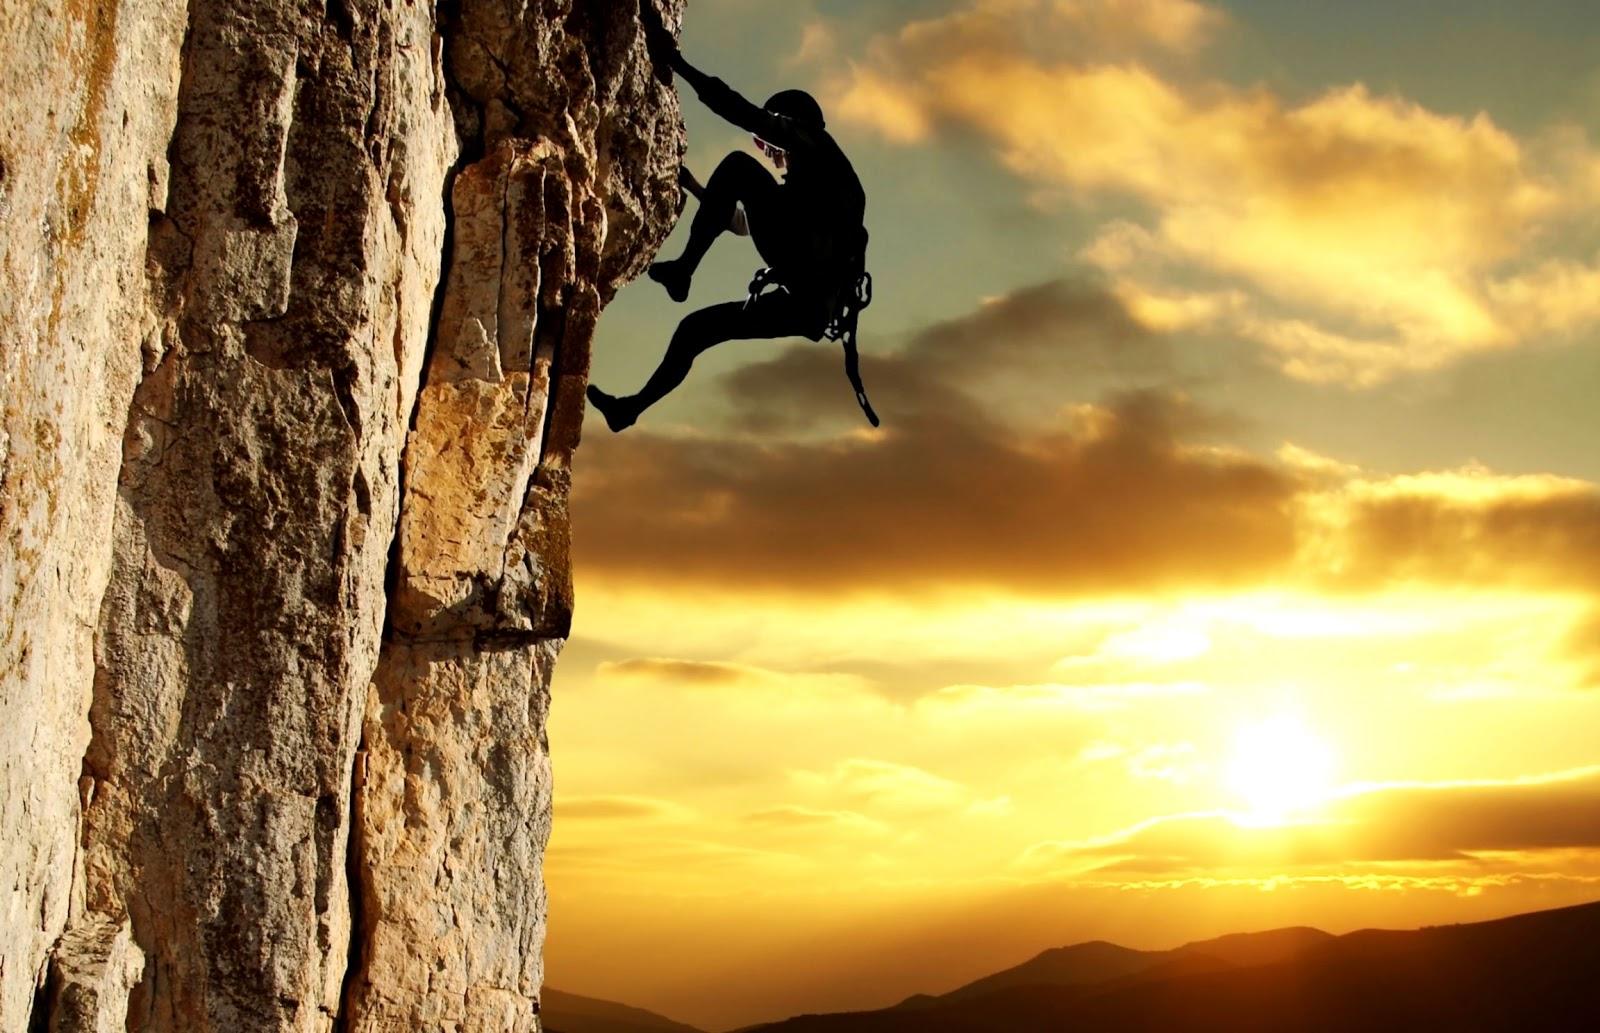 Mountain Climbing Hd Wallpaper Like Wallpapers 1600x1033